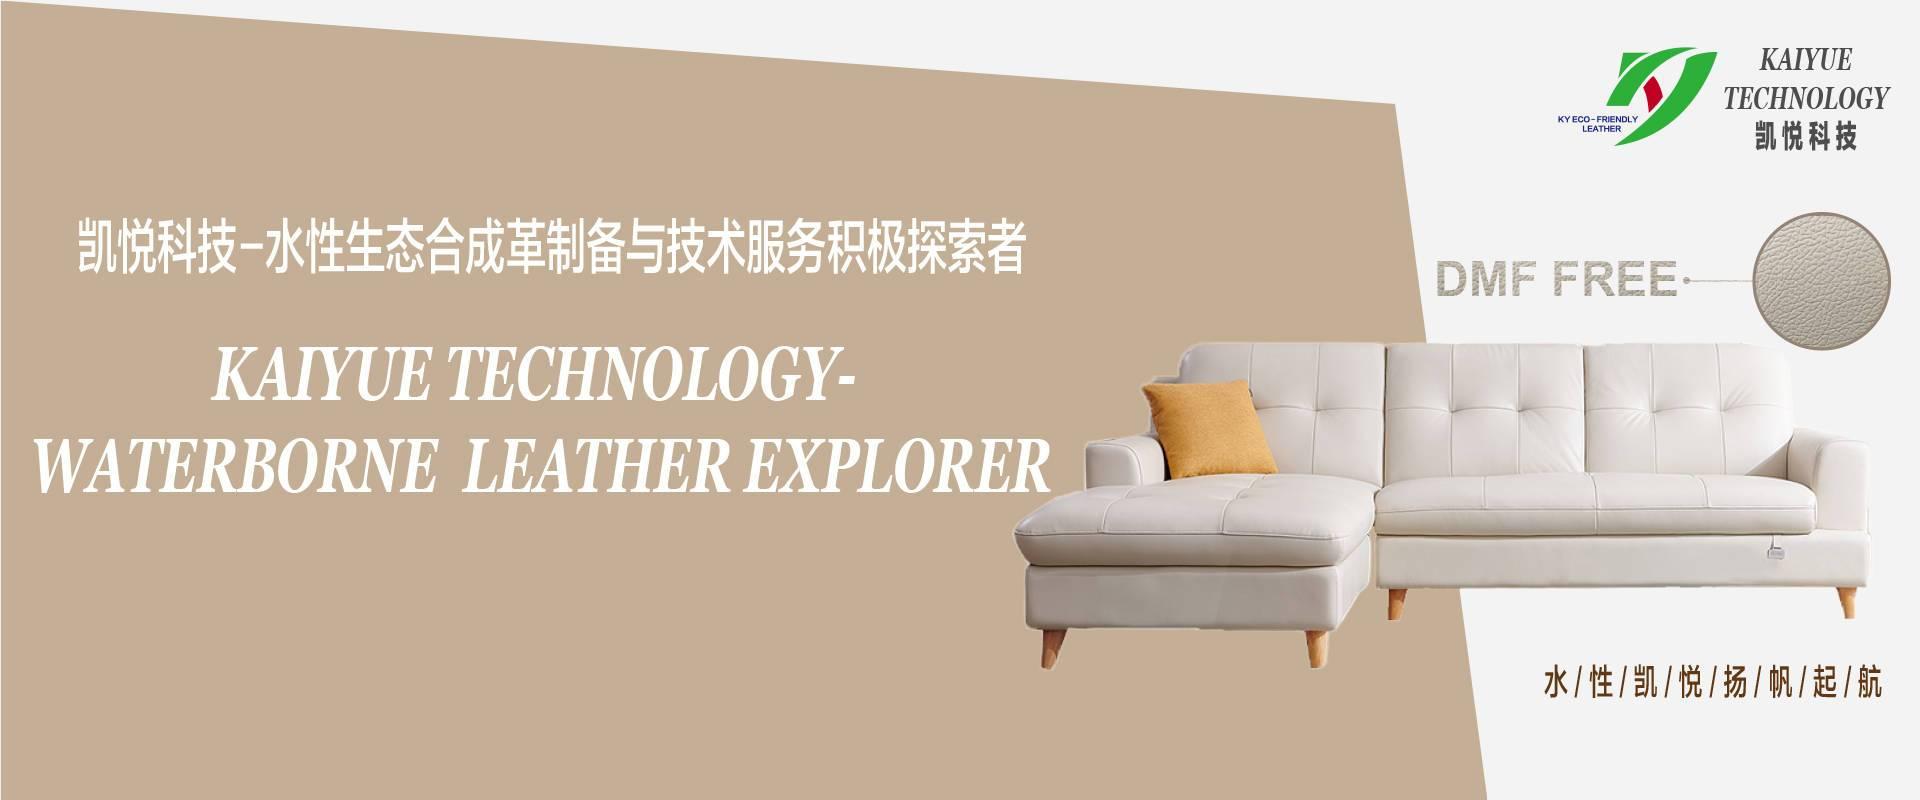 淮安凯悦科技水性皮革产品